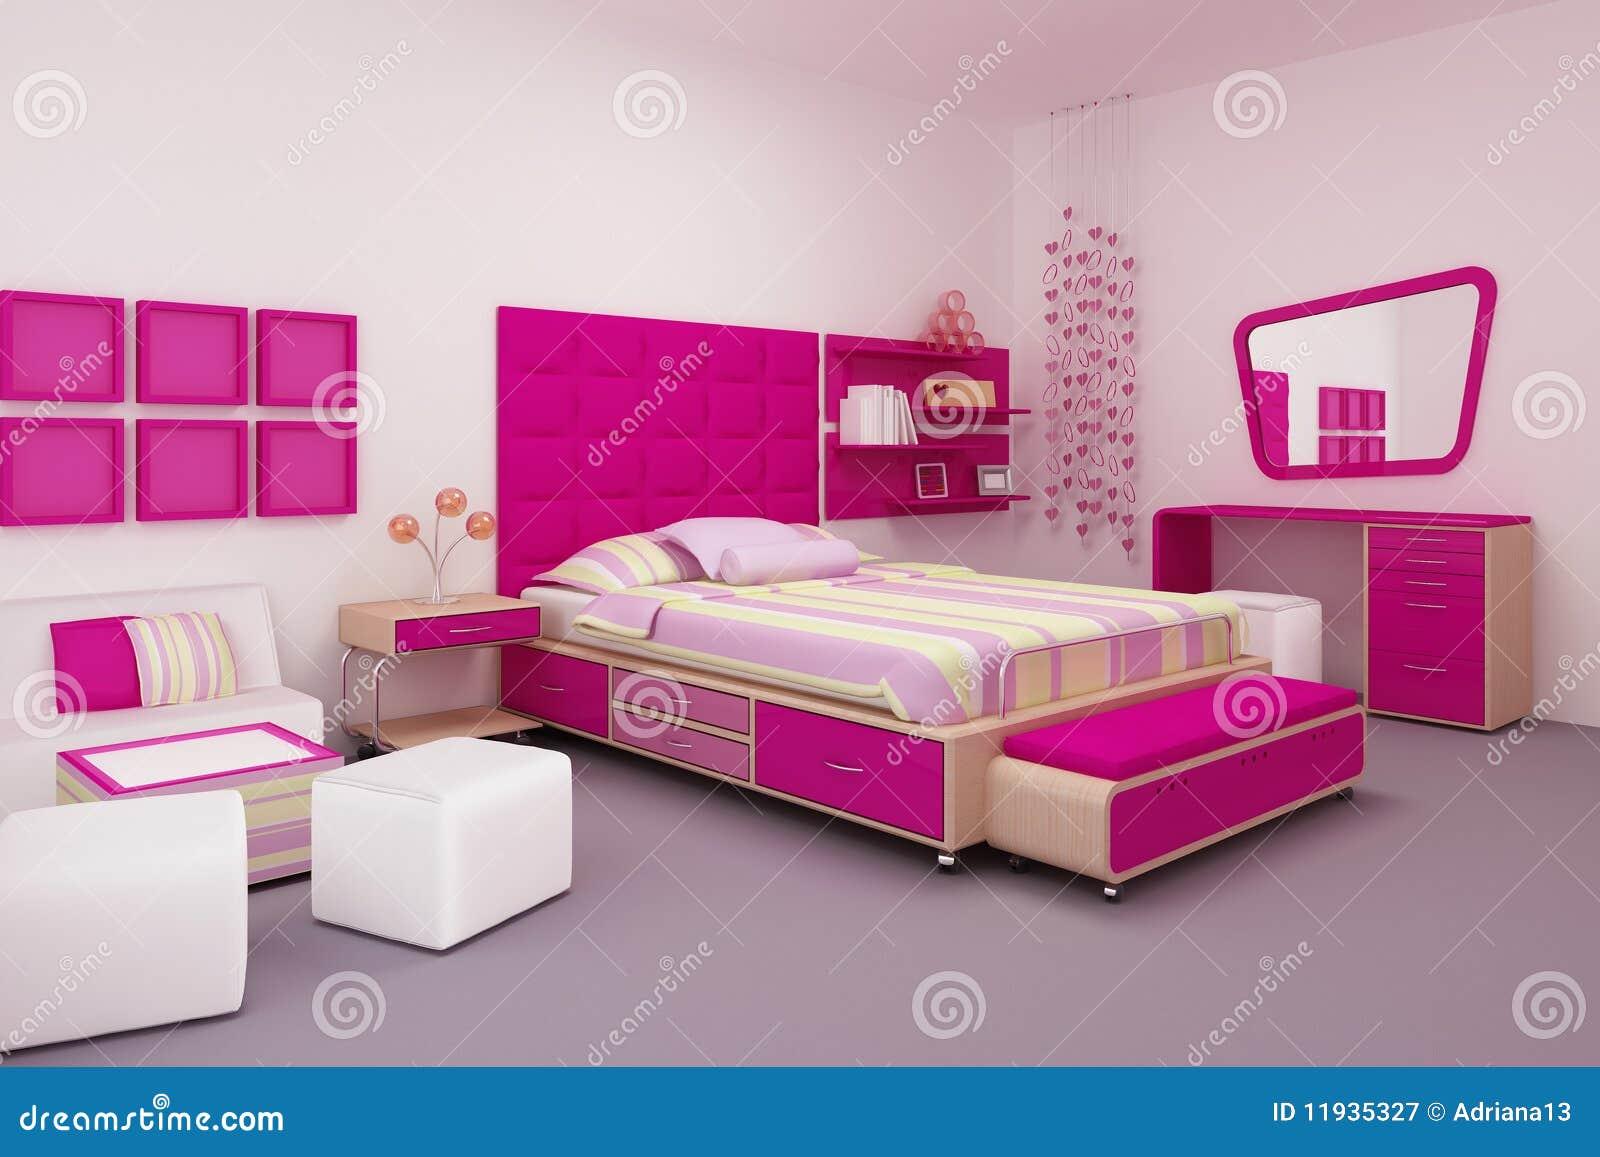 Slaapkamer Meisjes : De slaapkamer van het meisje royalty vrije stock ...